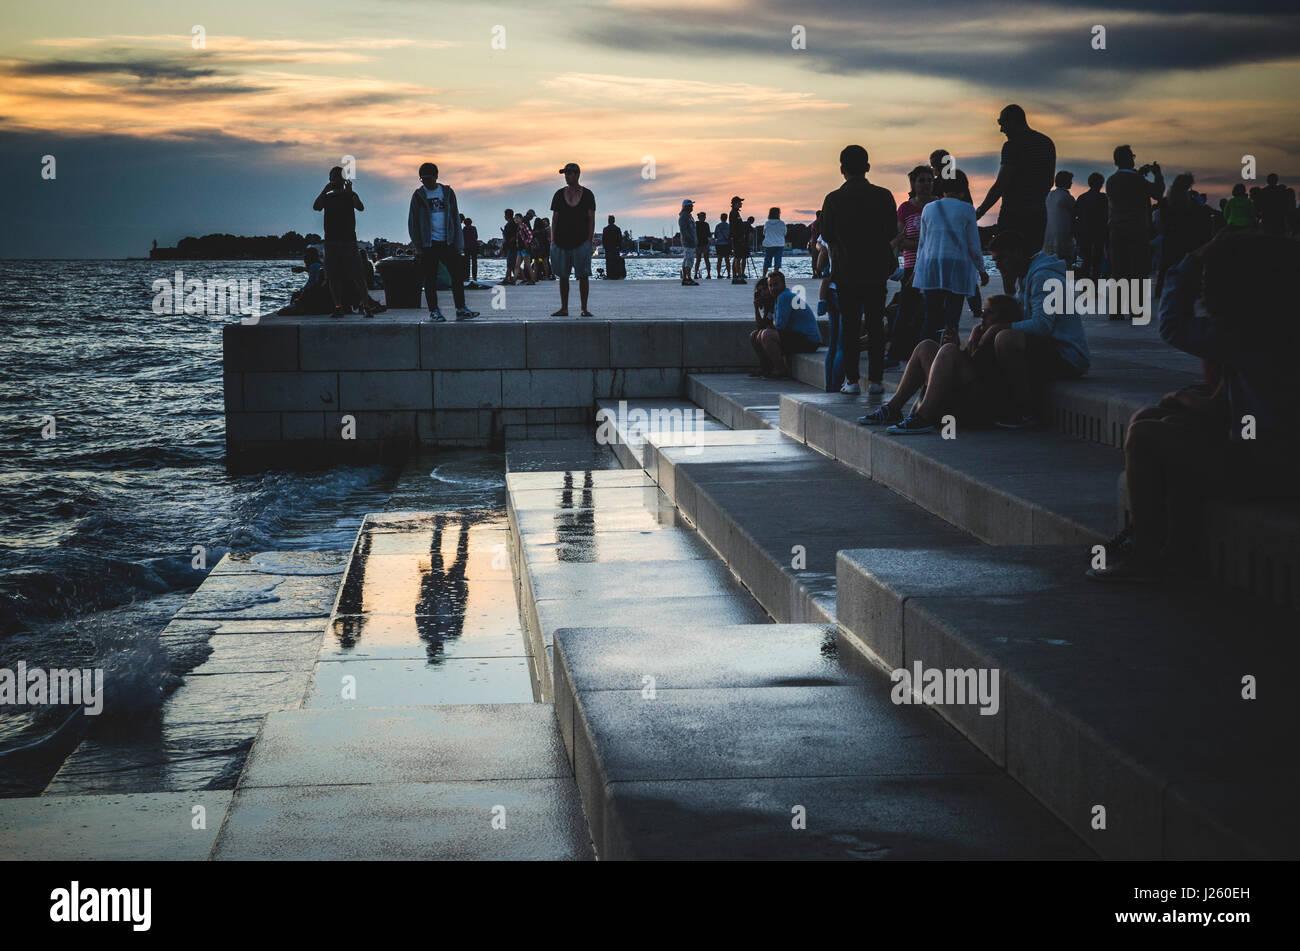 Massen um Meeresorgel versammelt, bei Sonnenuntergang, Zadar, Kroatien Stockbild